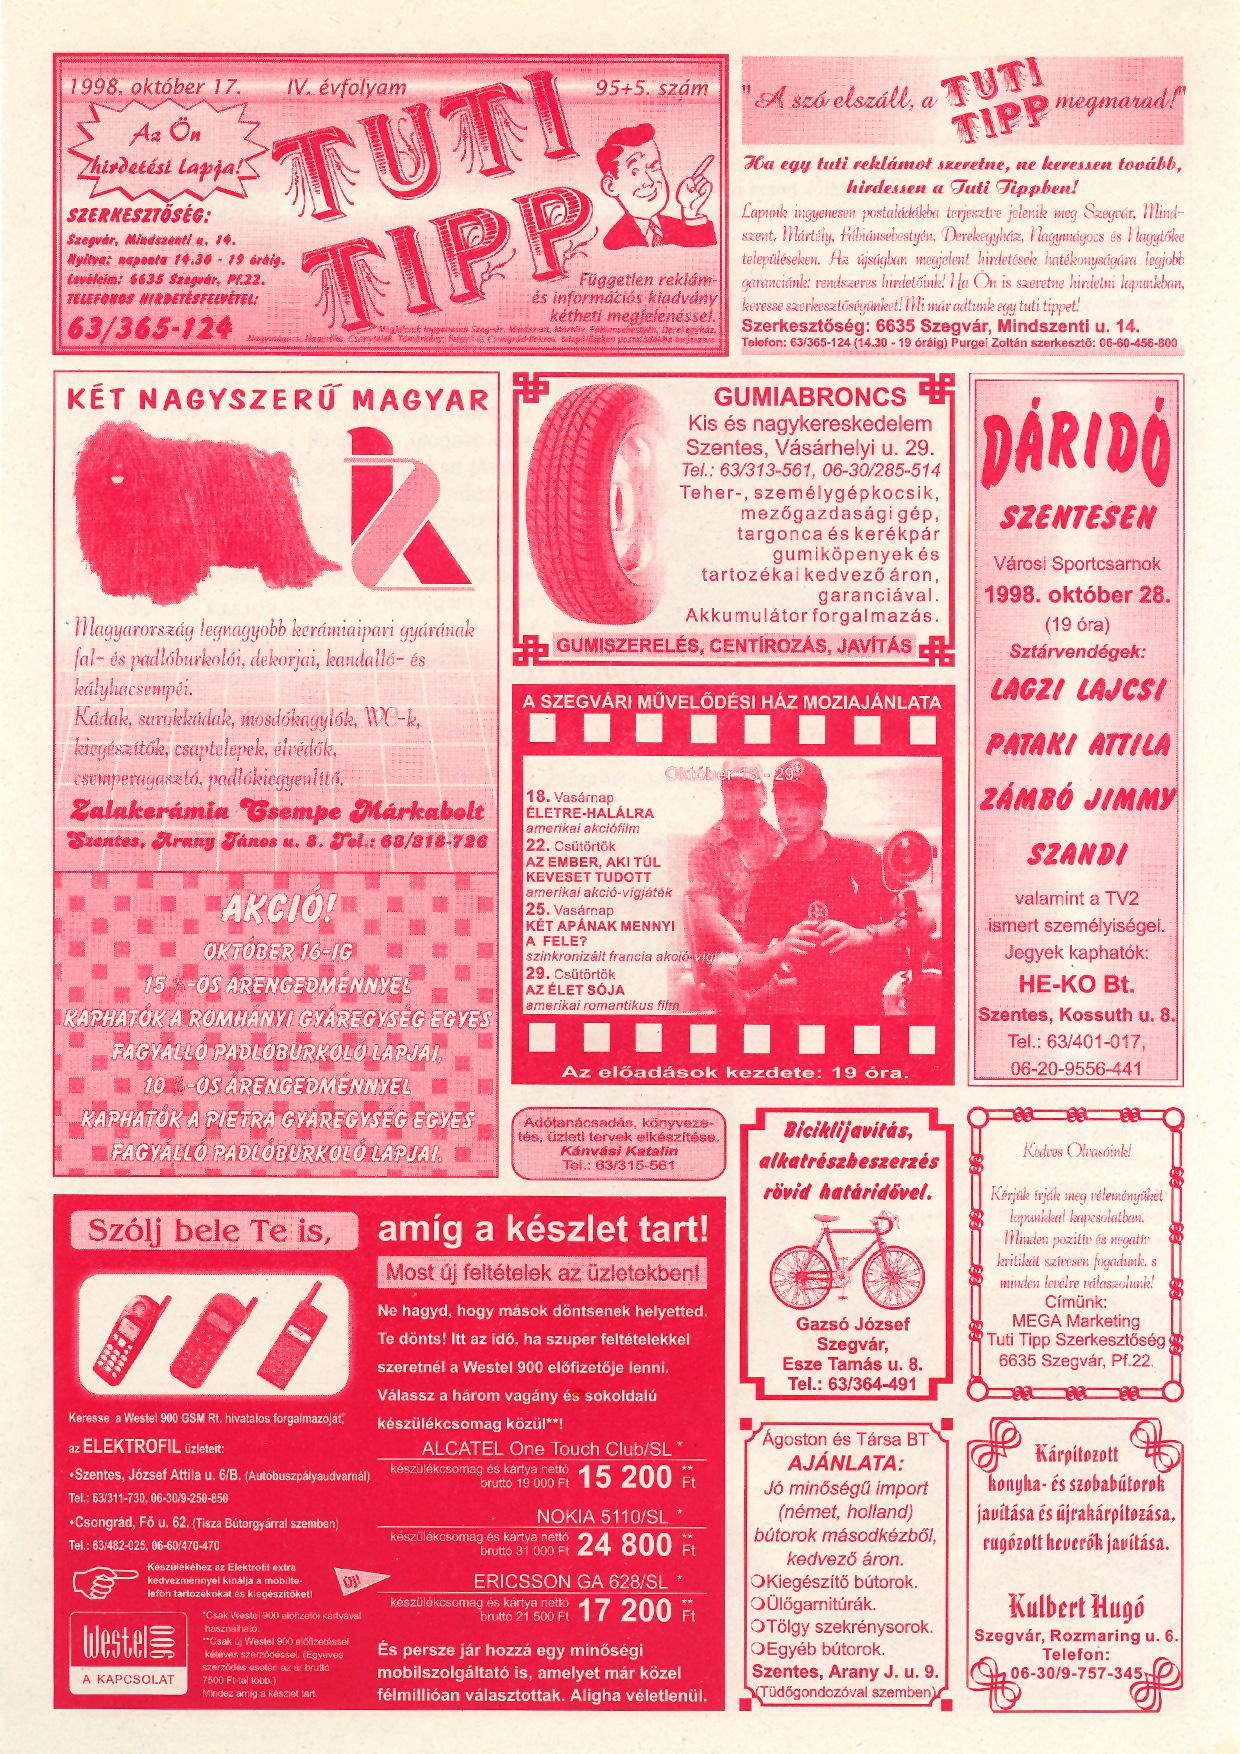 049 Tuti Tipp reklámújság - 19981017-095+005. lapszám - 1.oldal - IV. évfolyam.jpg